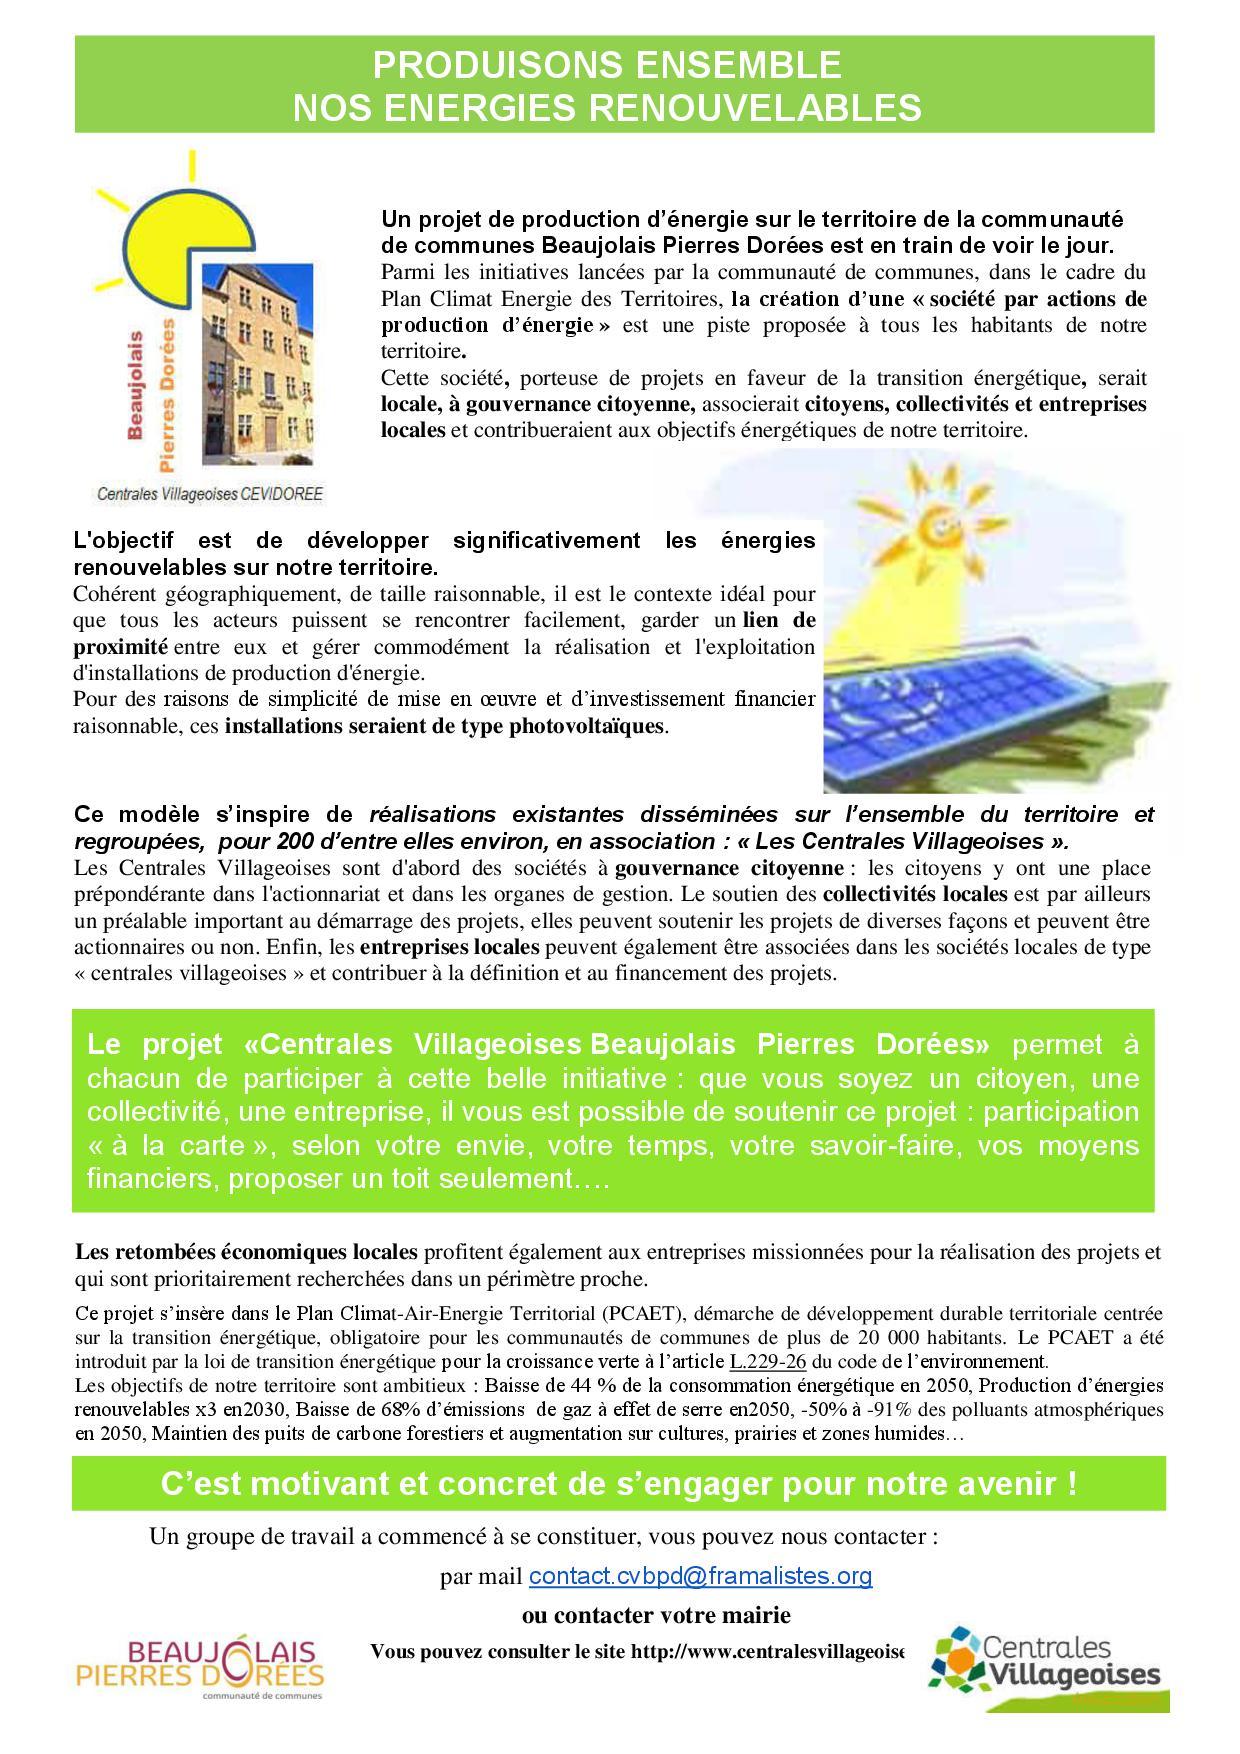 Produisons ensemble nos énergies renouvelables